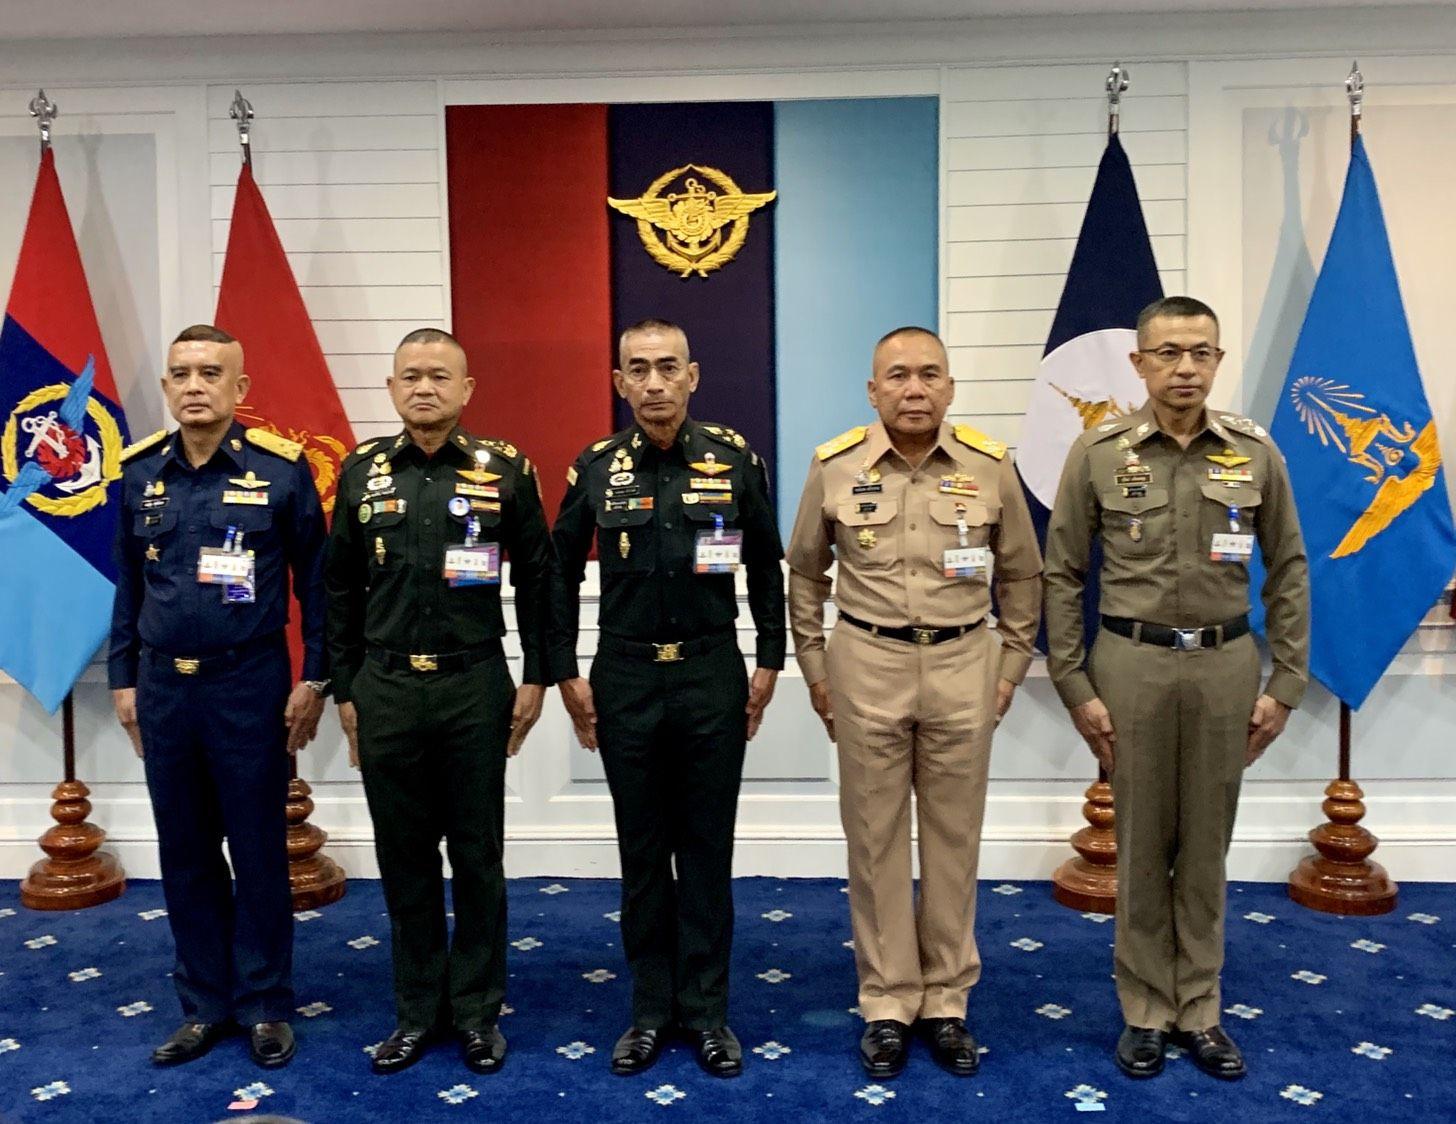 ผู้นำเหล่าทัพ สภากลาโหม  กองทัพบก กองทัพ ตำรวจ ทหาร ณรงค์พันธ์ เฉลิมพล สุวัฒน์ -1A0D-42B6-B763-3D4626C2CFE2.jpeg